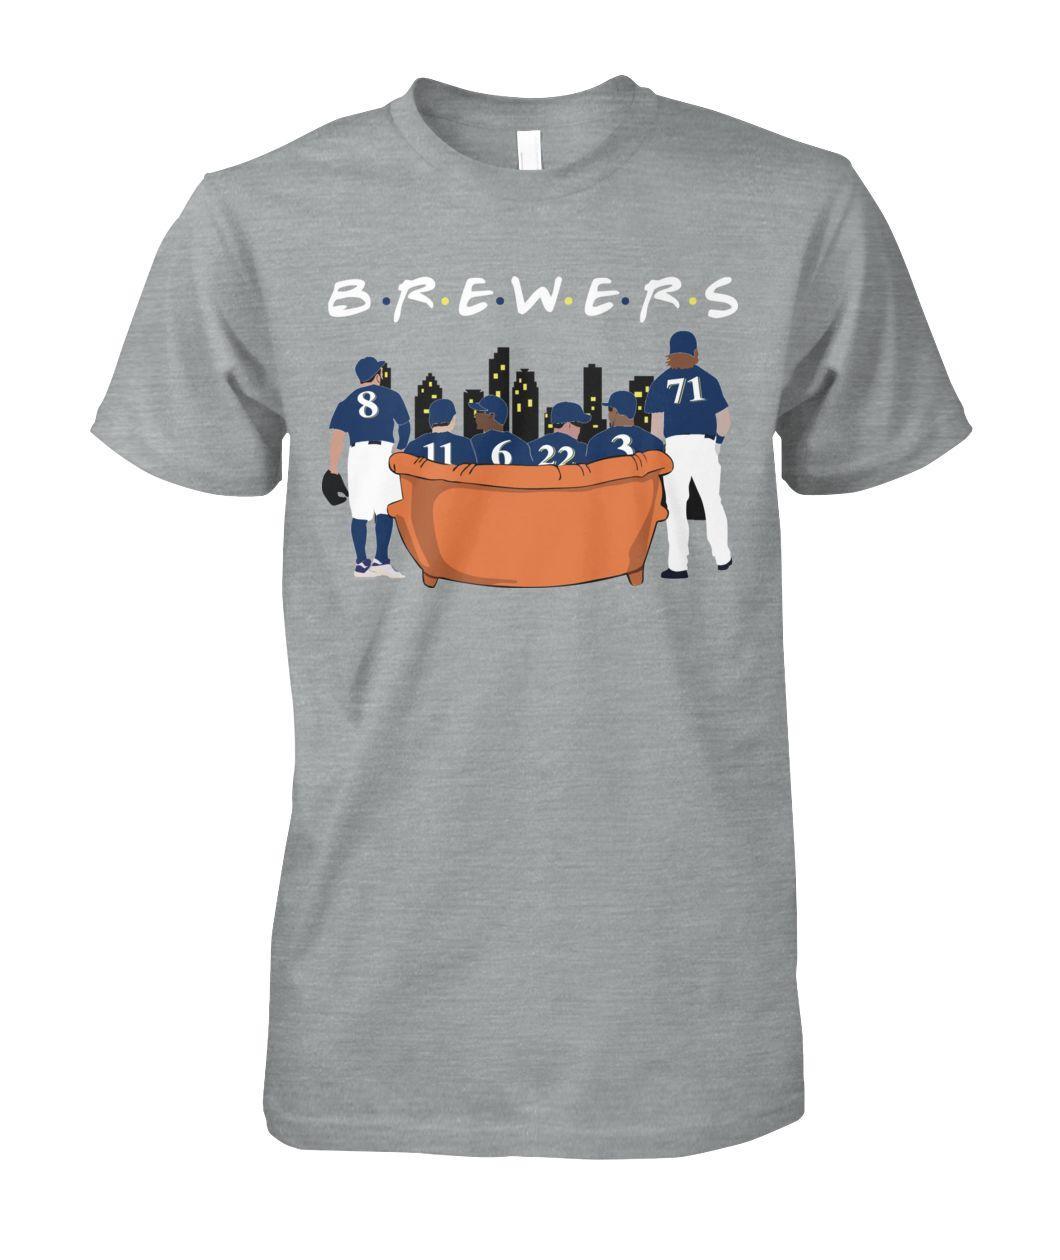 Milwaukee Brewers Friends TV Show Shirt